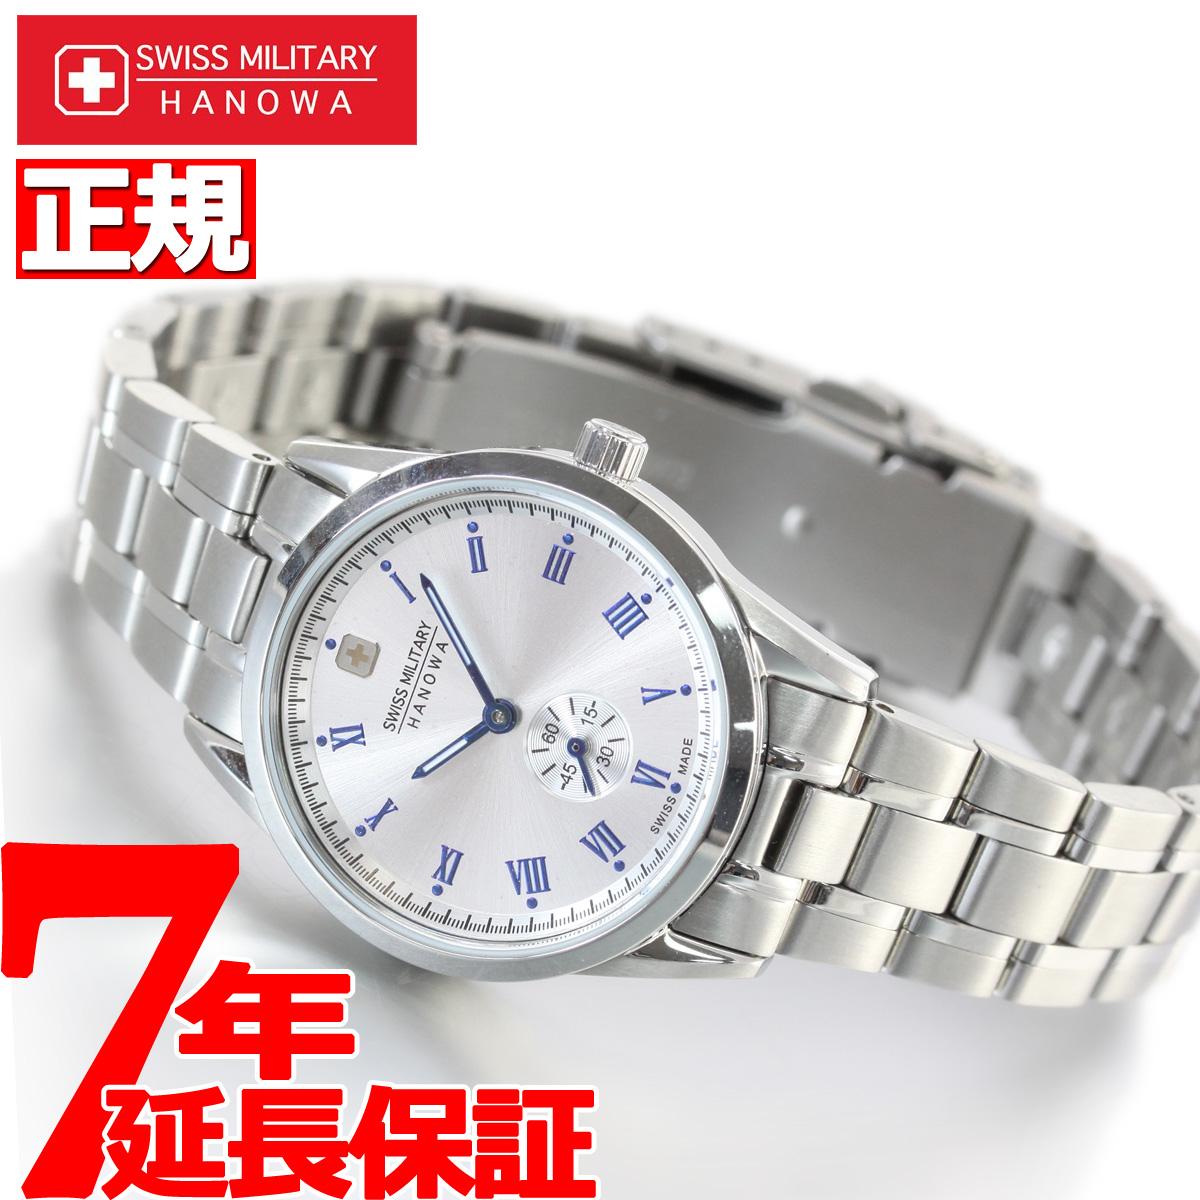 【5日0時~♪2000円OFFクーポン&店内ポイント最大51倍!5日23時59分まで】スイスミリタリー SWISS MILITARY 限定モデル 腕時計 レディース ローマン ROMAN ML402